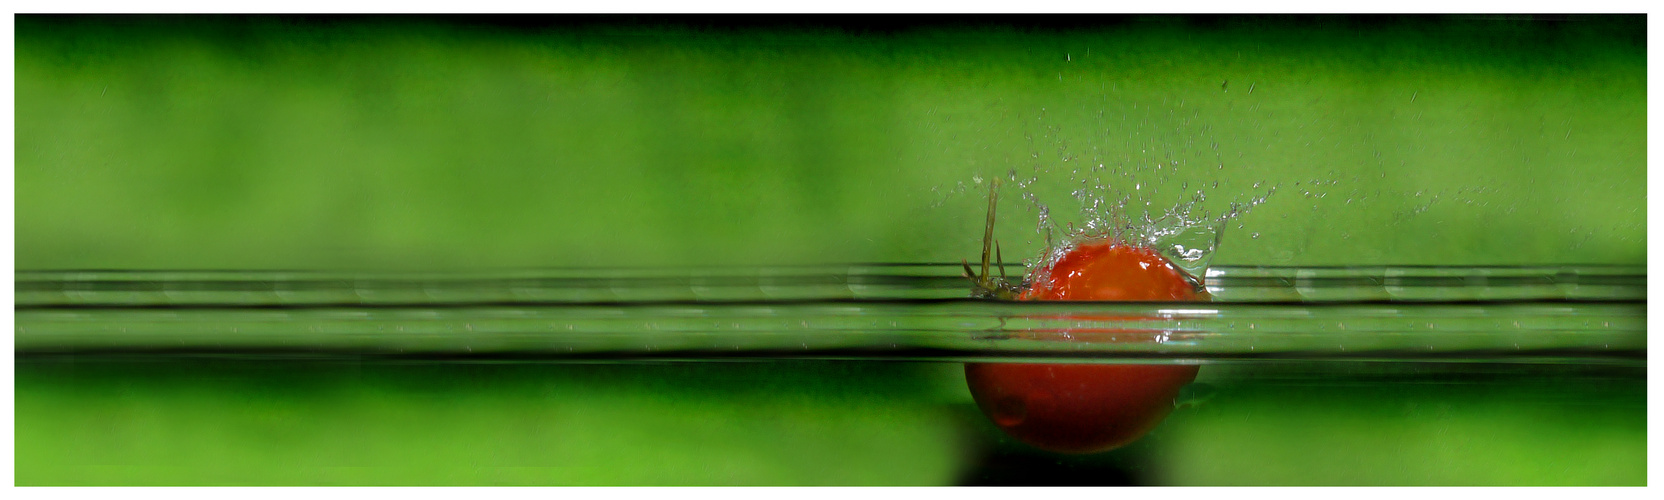 splashing tomate